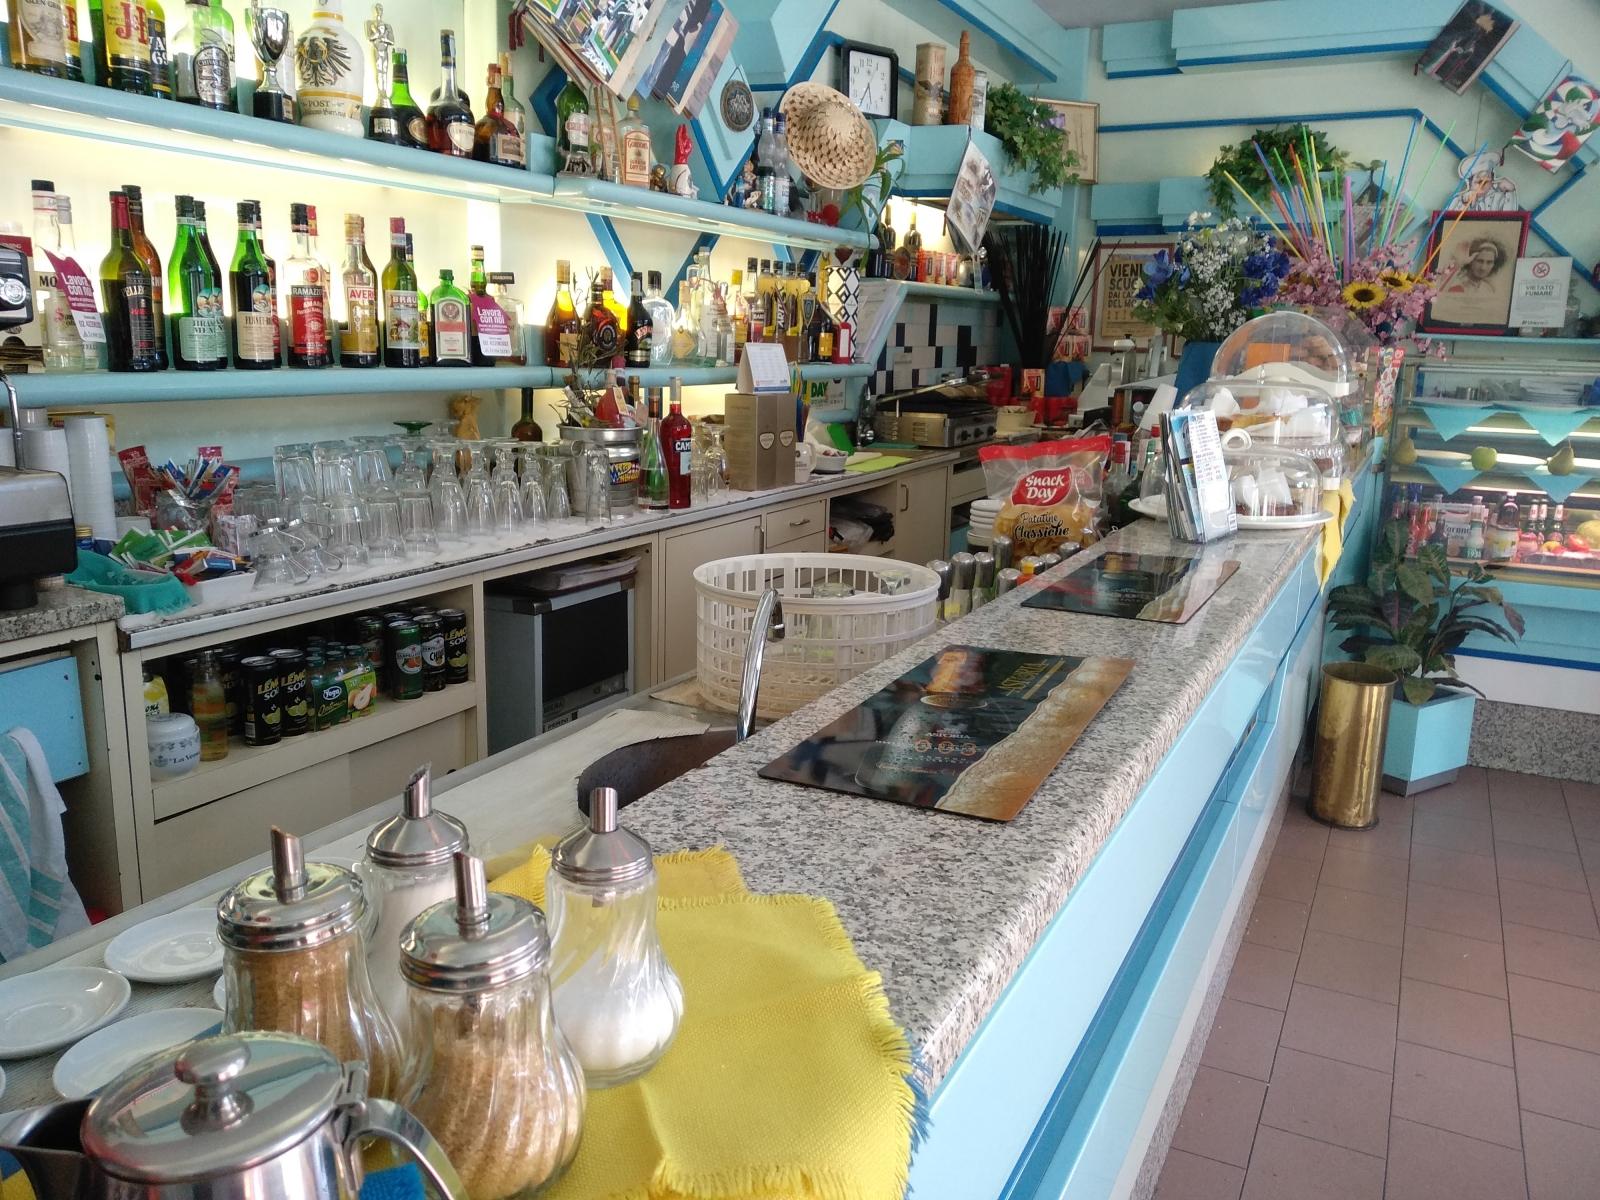 cedesi-attività-bar-piazza-bolivar-milano-spaziourbano-immobiliare-commerciale-8